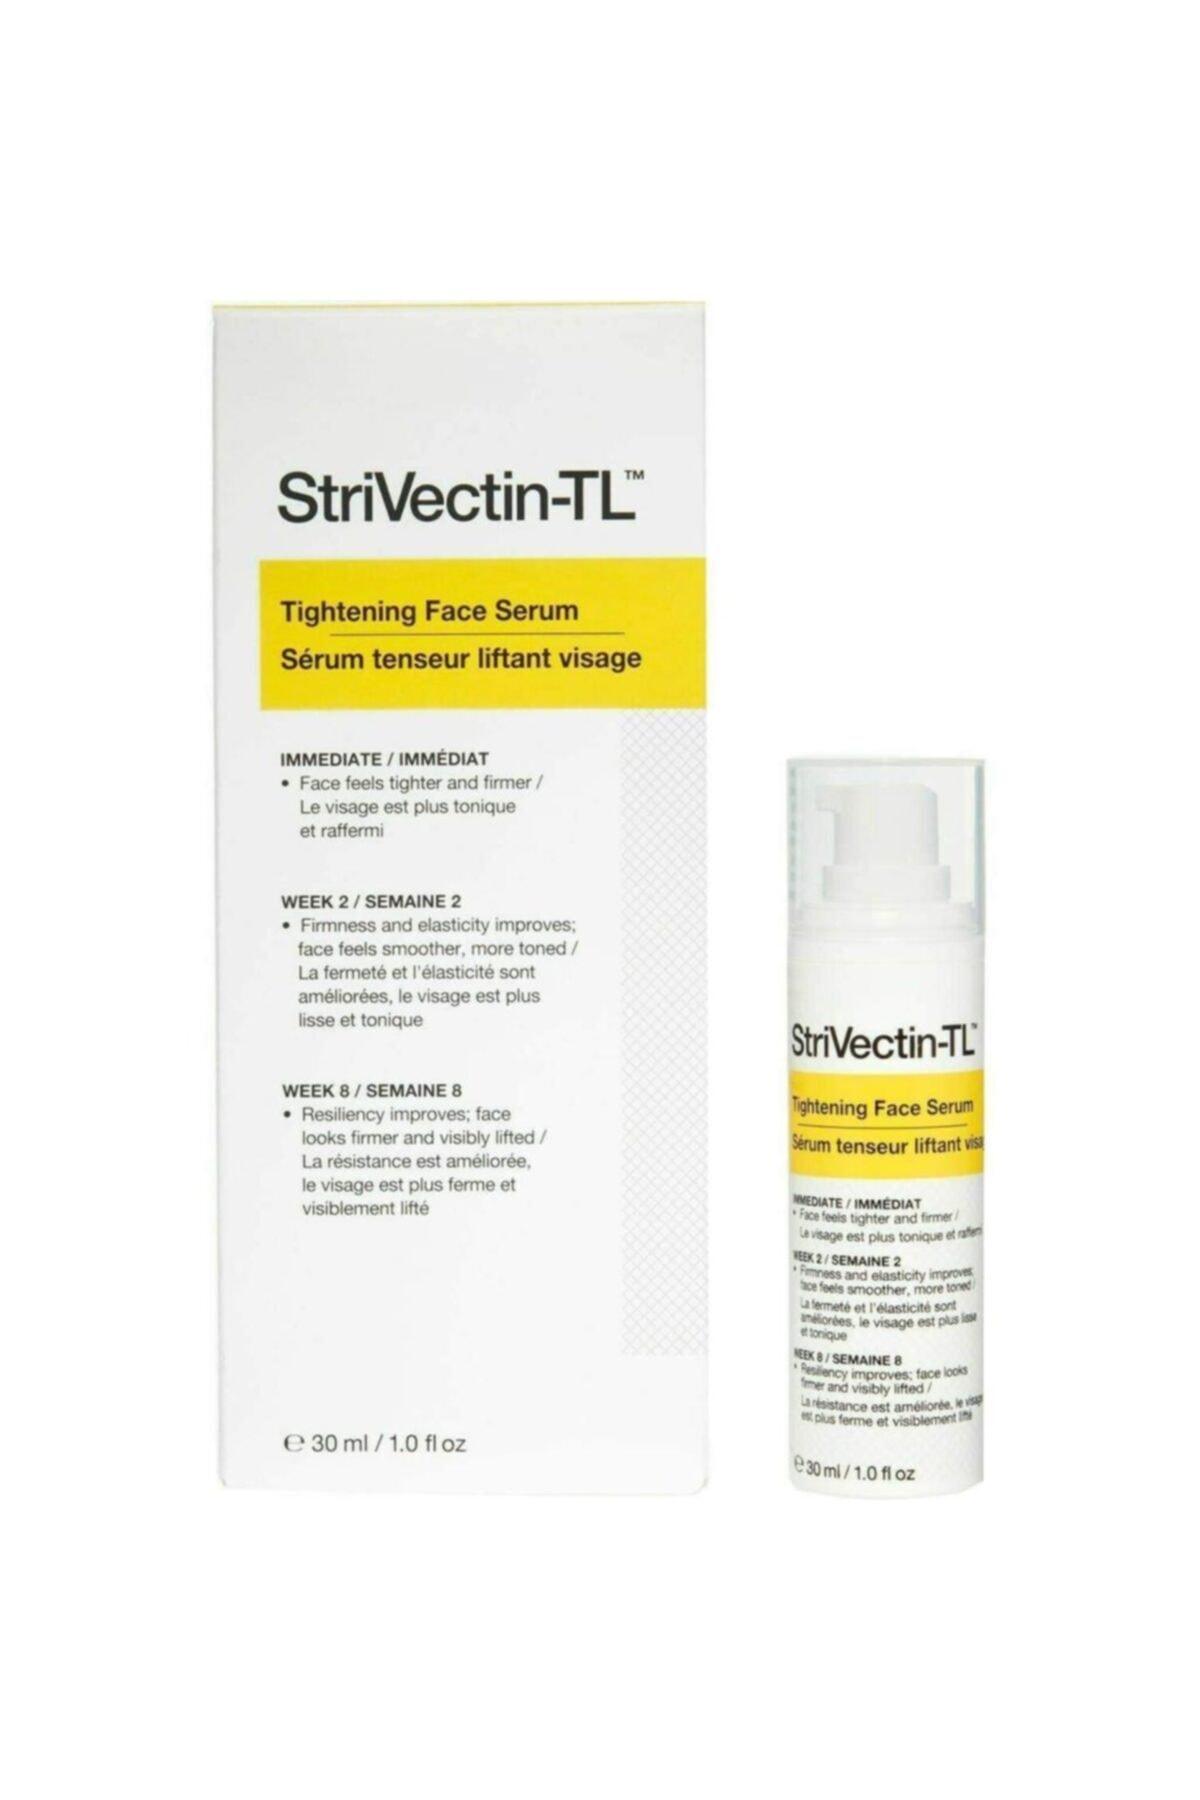 Strivectin Tl Tightening Yüz Serumu 30ml 1